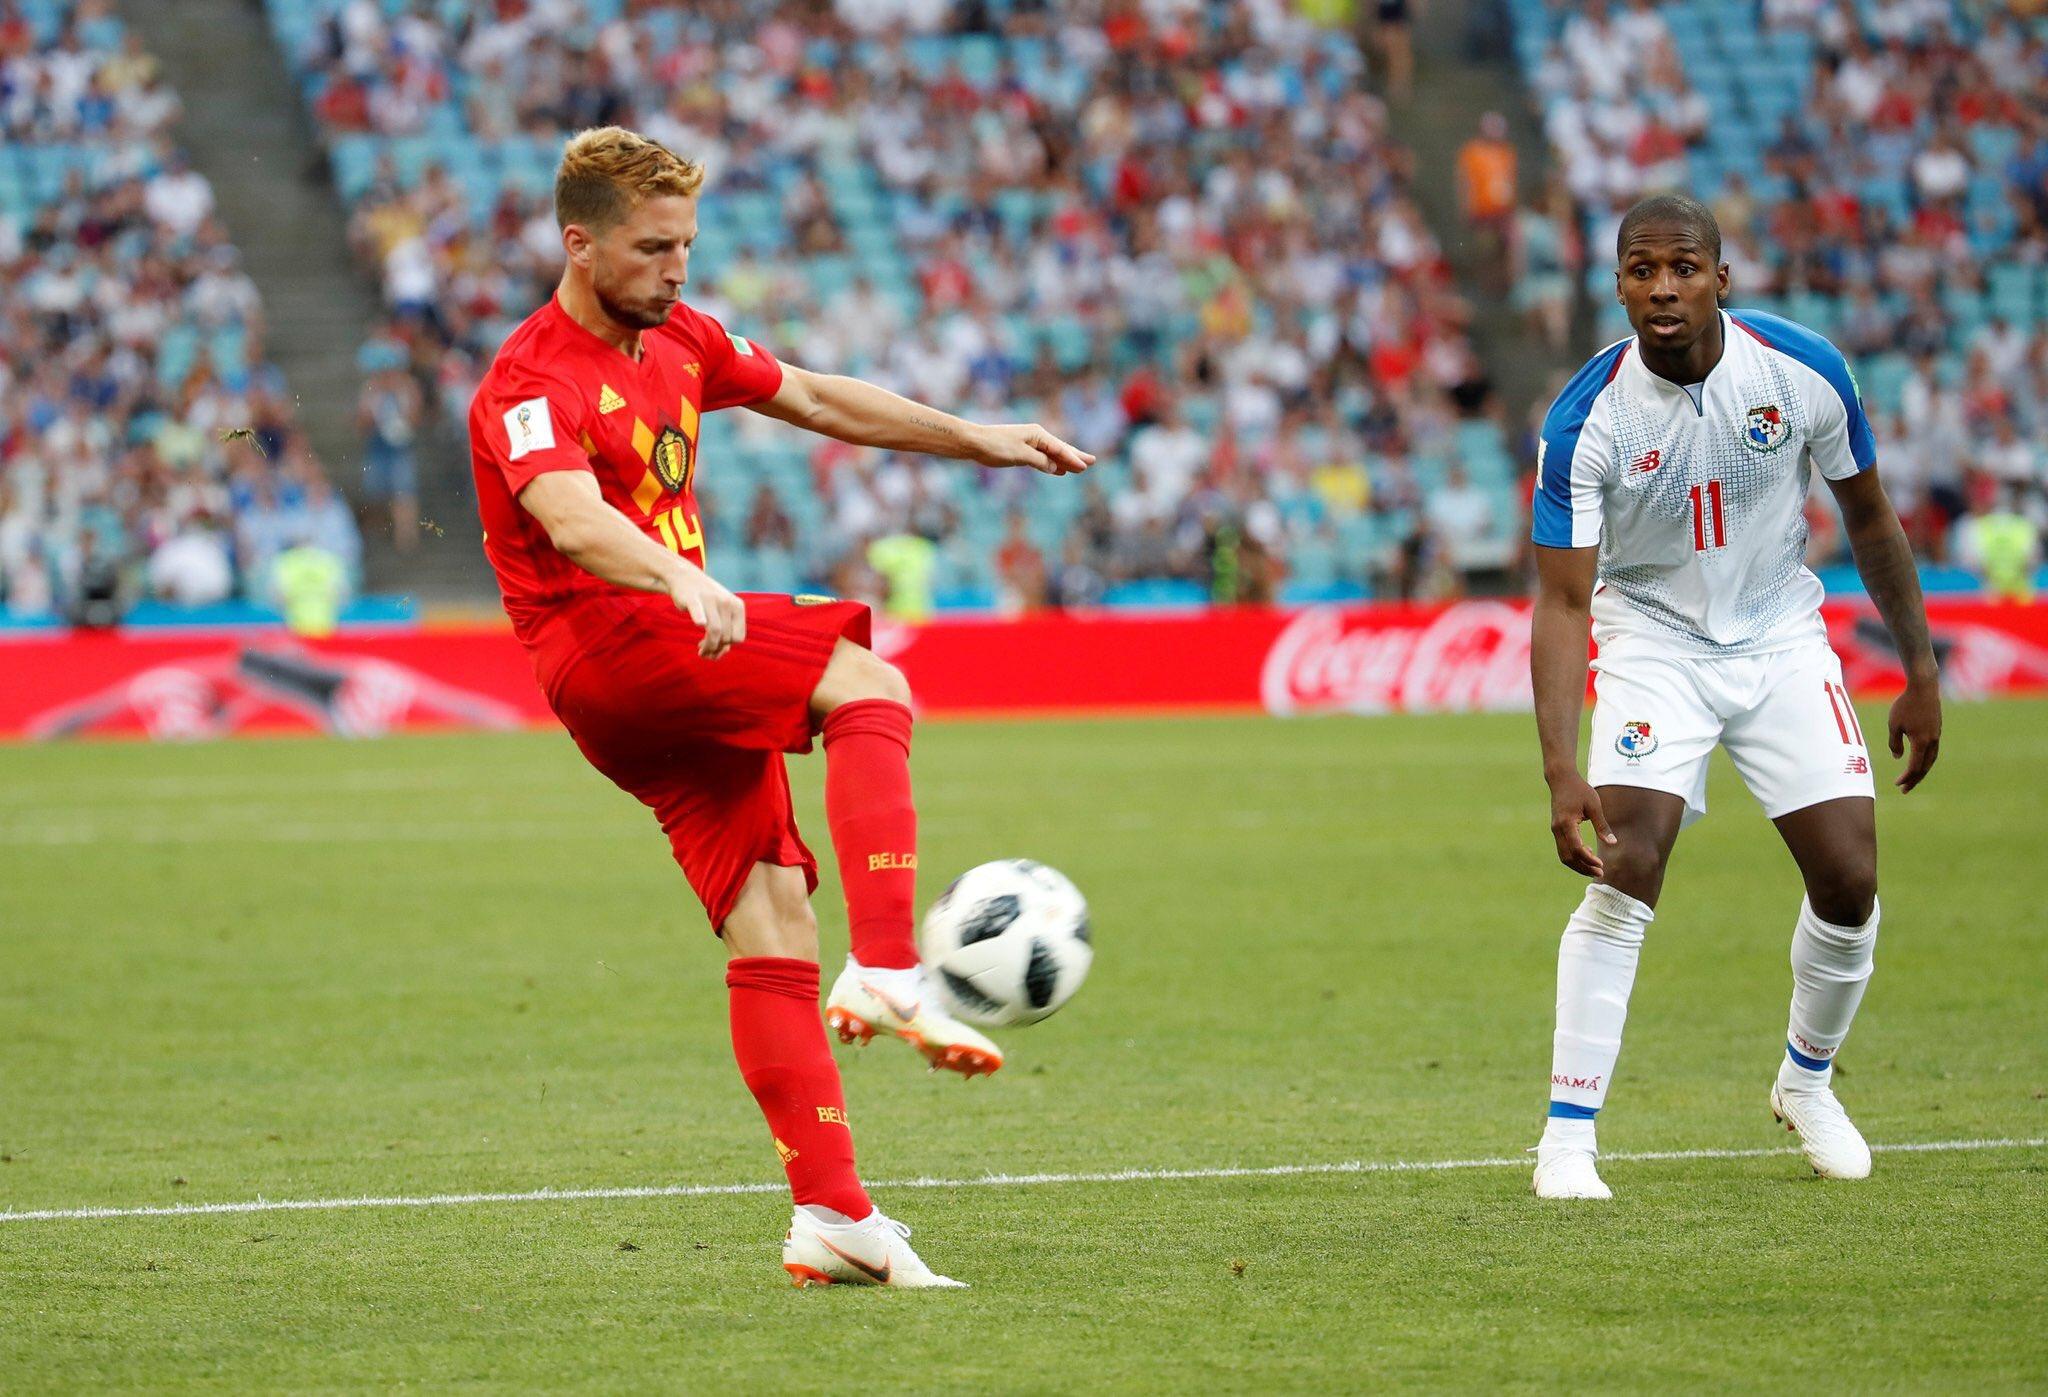 هدف بلجيكا الأول أمام بنما